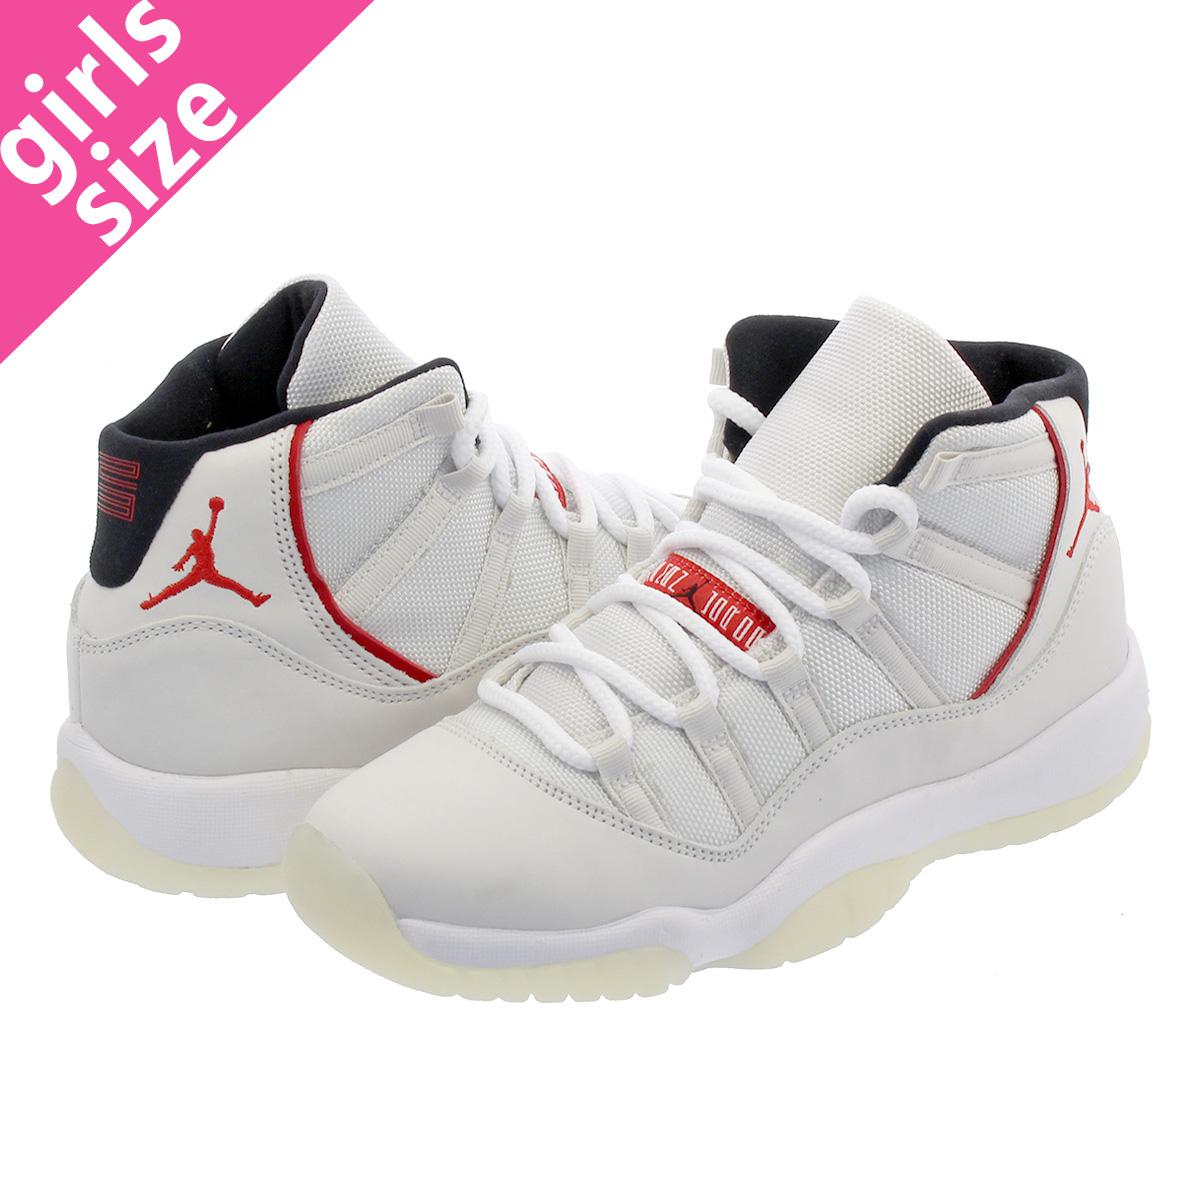 d47d4c9a1 NIKE AIR JORDAN 11 RETRO BG Nike Air Jordan 11 nostalgic BG PLATINUM TINT  SAIL UNIVERSITY RED 378